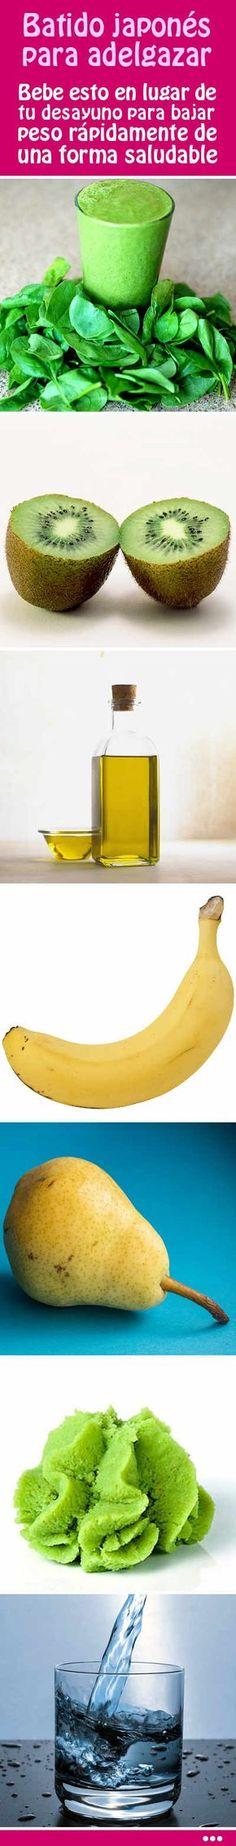 Batido japonés para adelgazar. Bebe esto en lugar de tu desayuno para bajar peso rápidamente de una forma saludable.